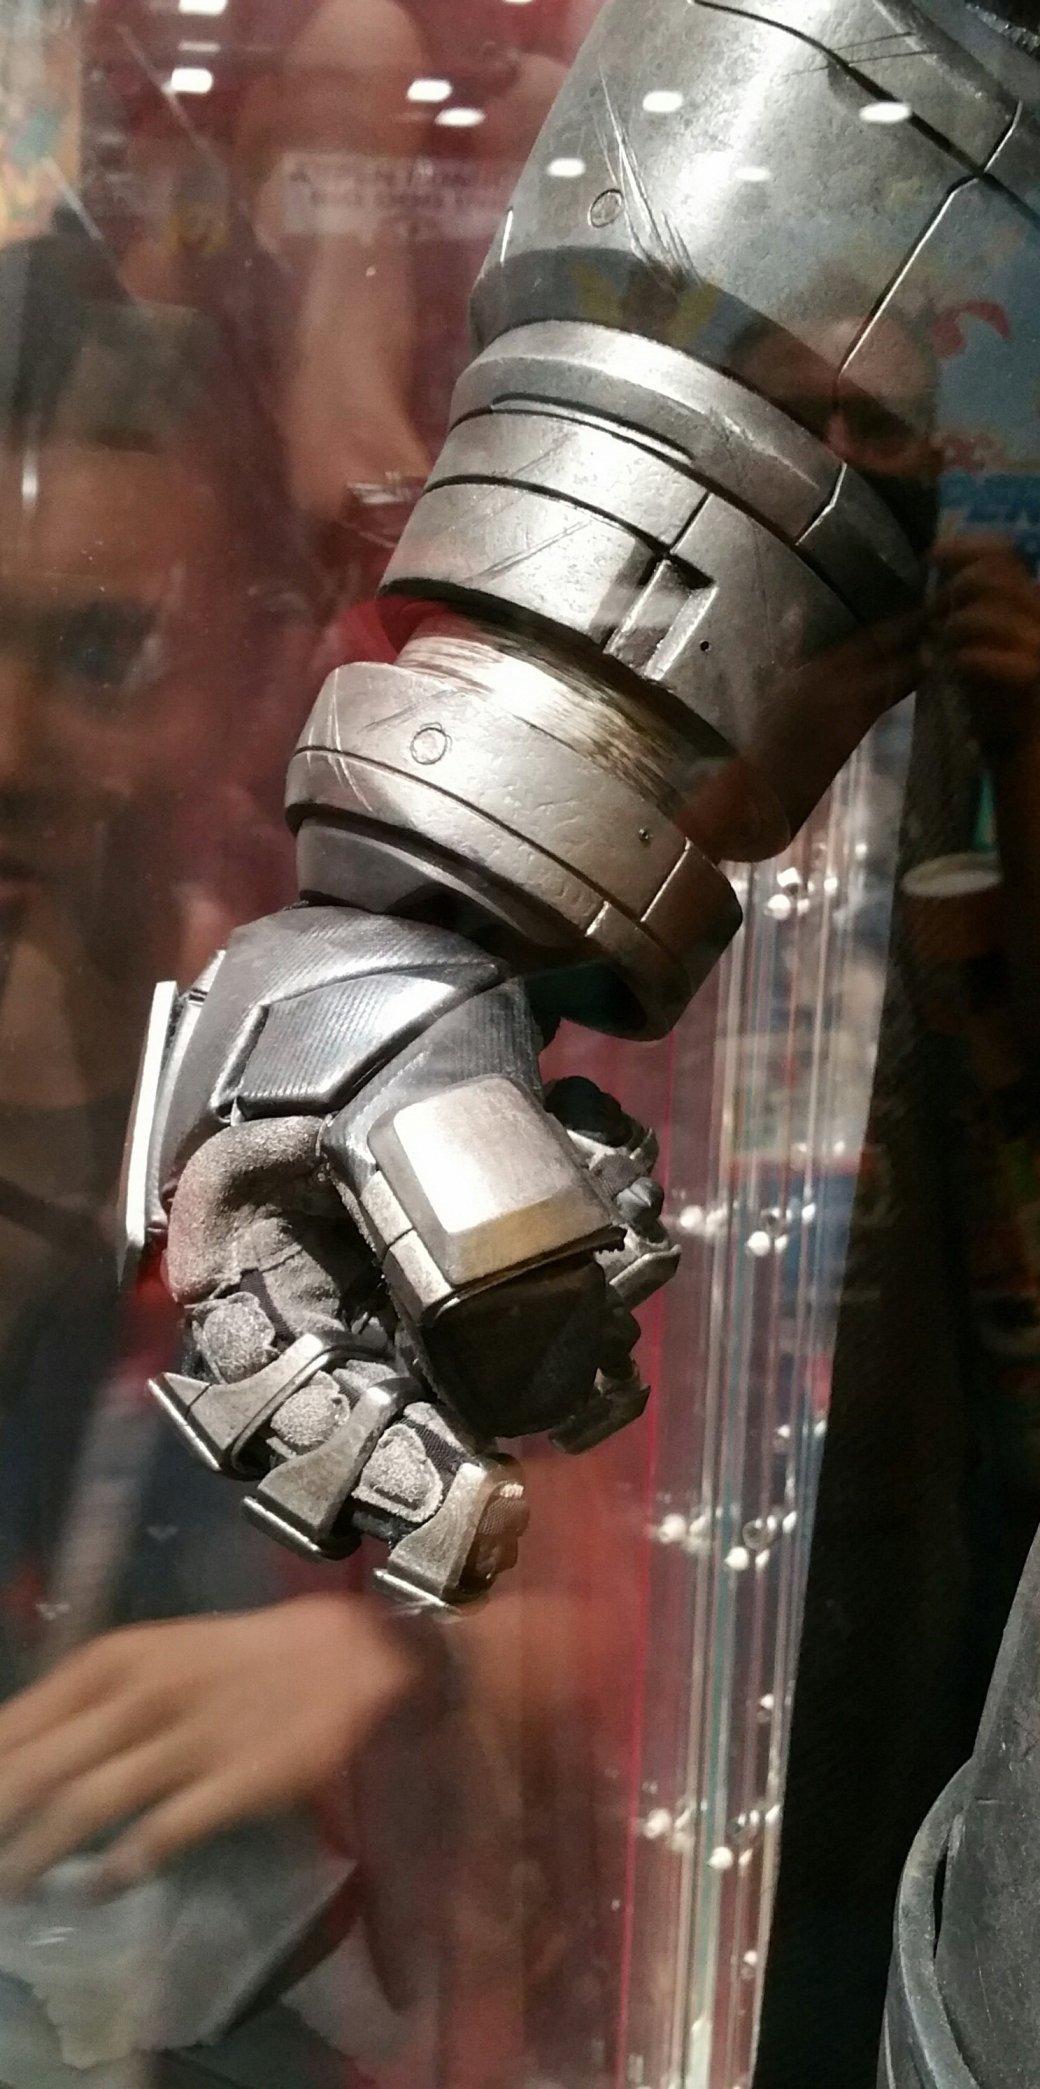 Костюмы, гаджеты и фигурки Бэтмена на Comic-Con 2015 - Изображение 20